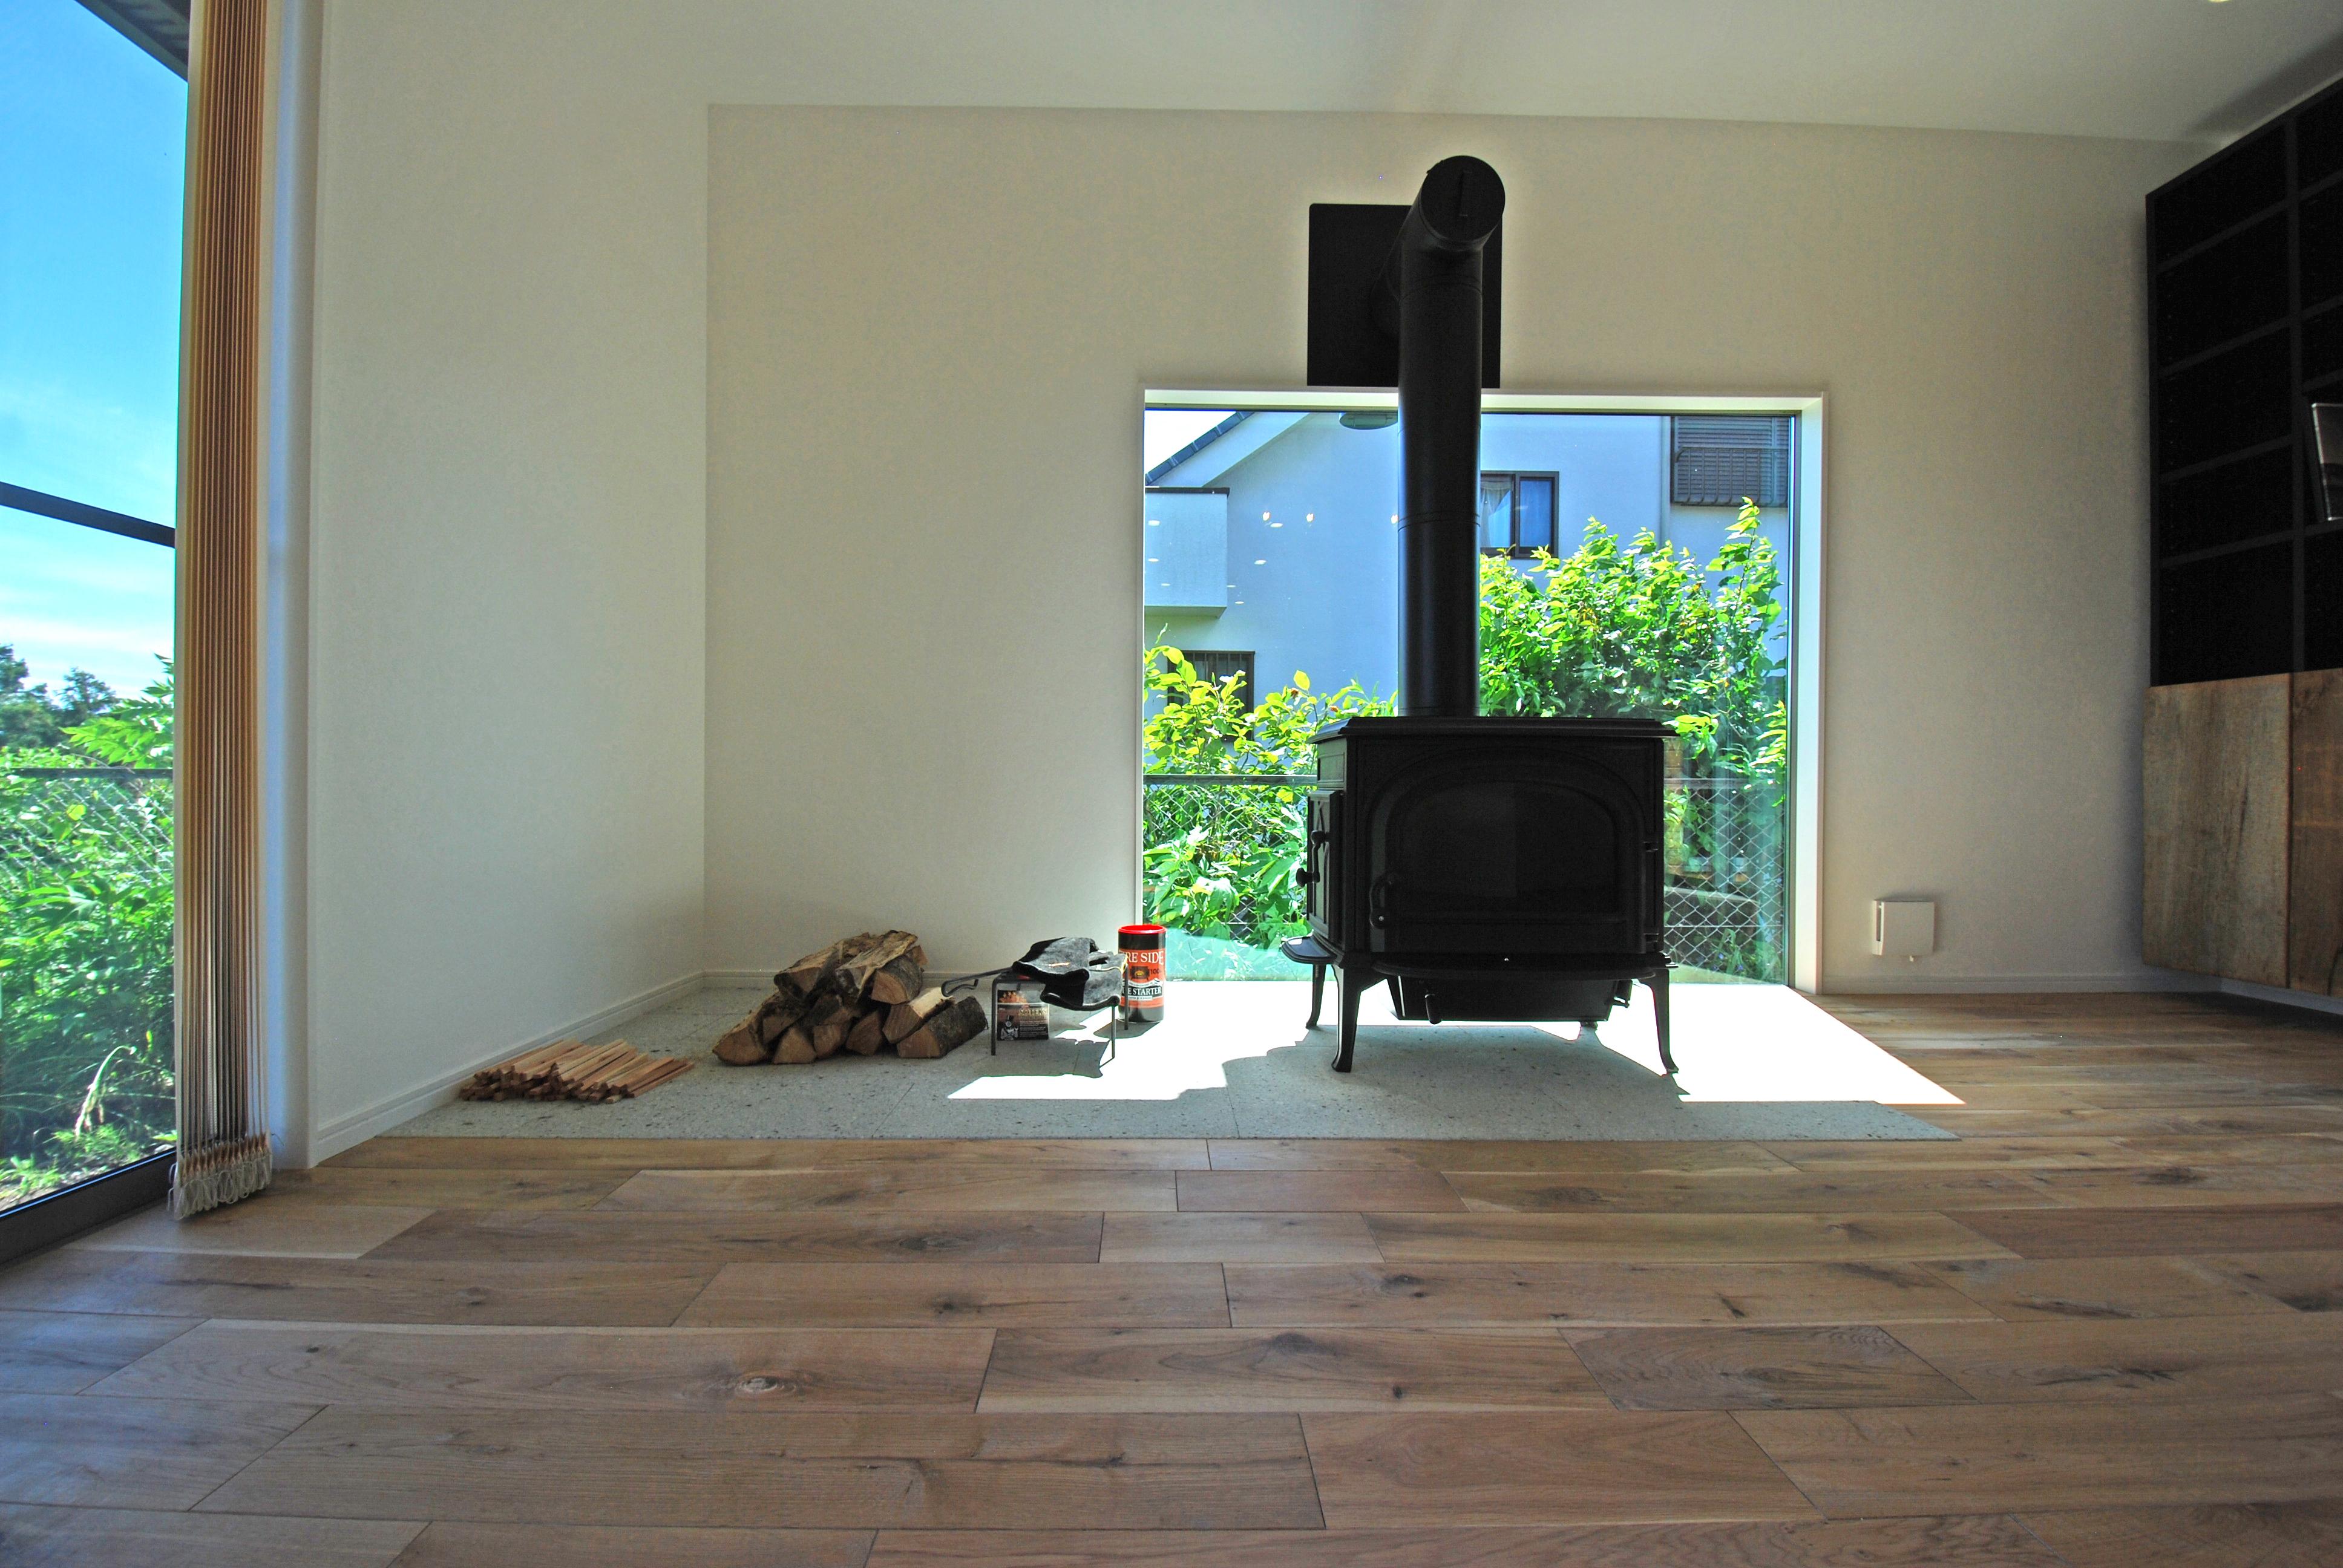 開放的な空間を楽しむ薪ストーブのある家